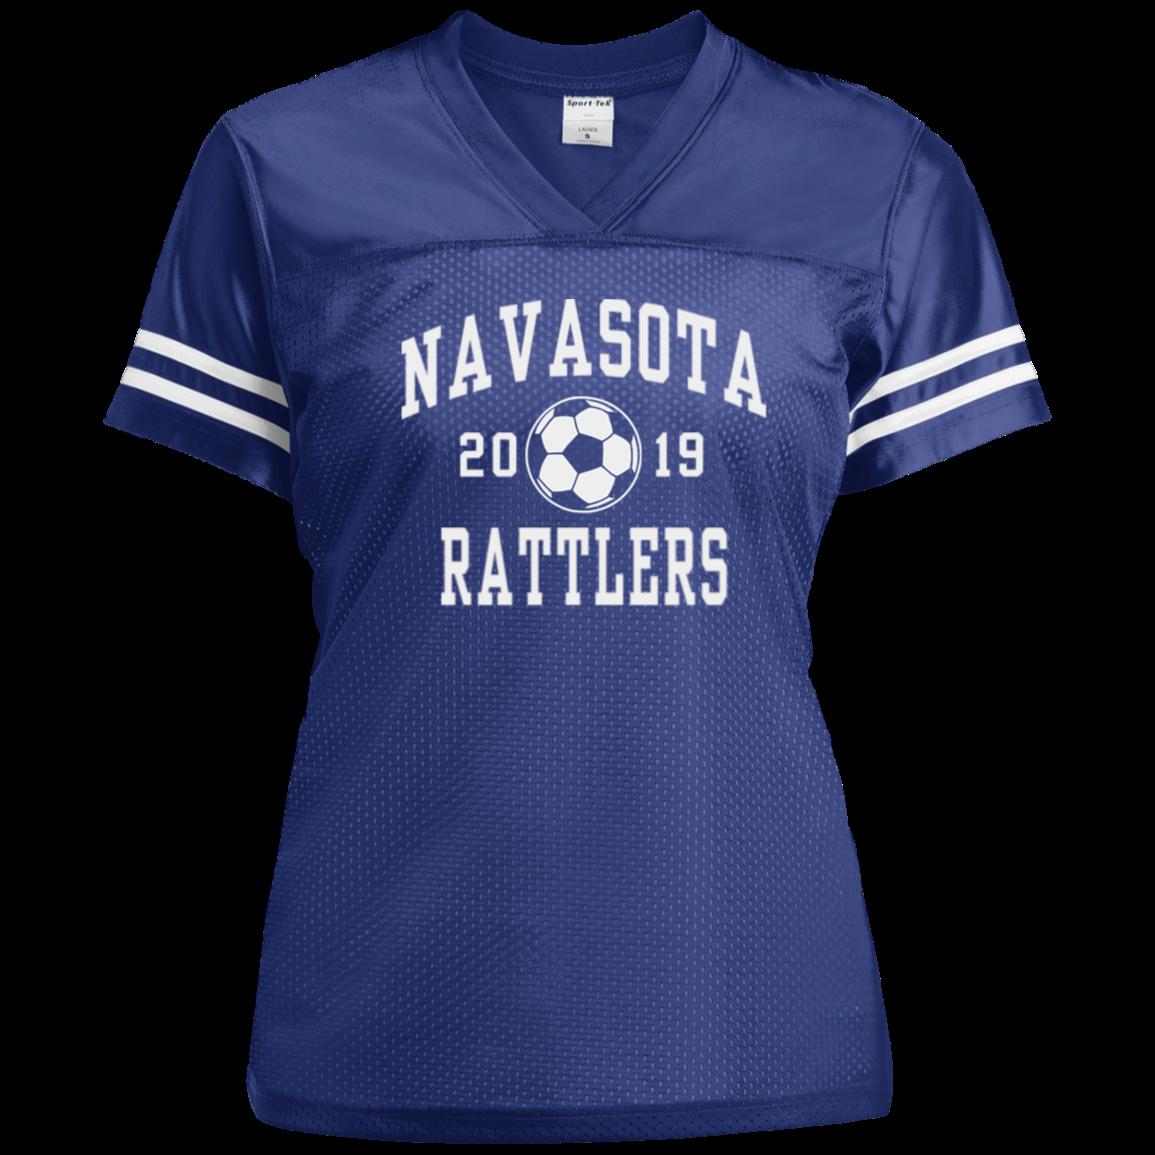 e414053bed3 Navasota High School Women s Replica Jersey - SpiritShop.com